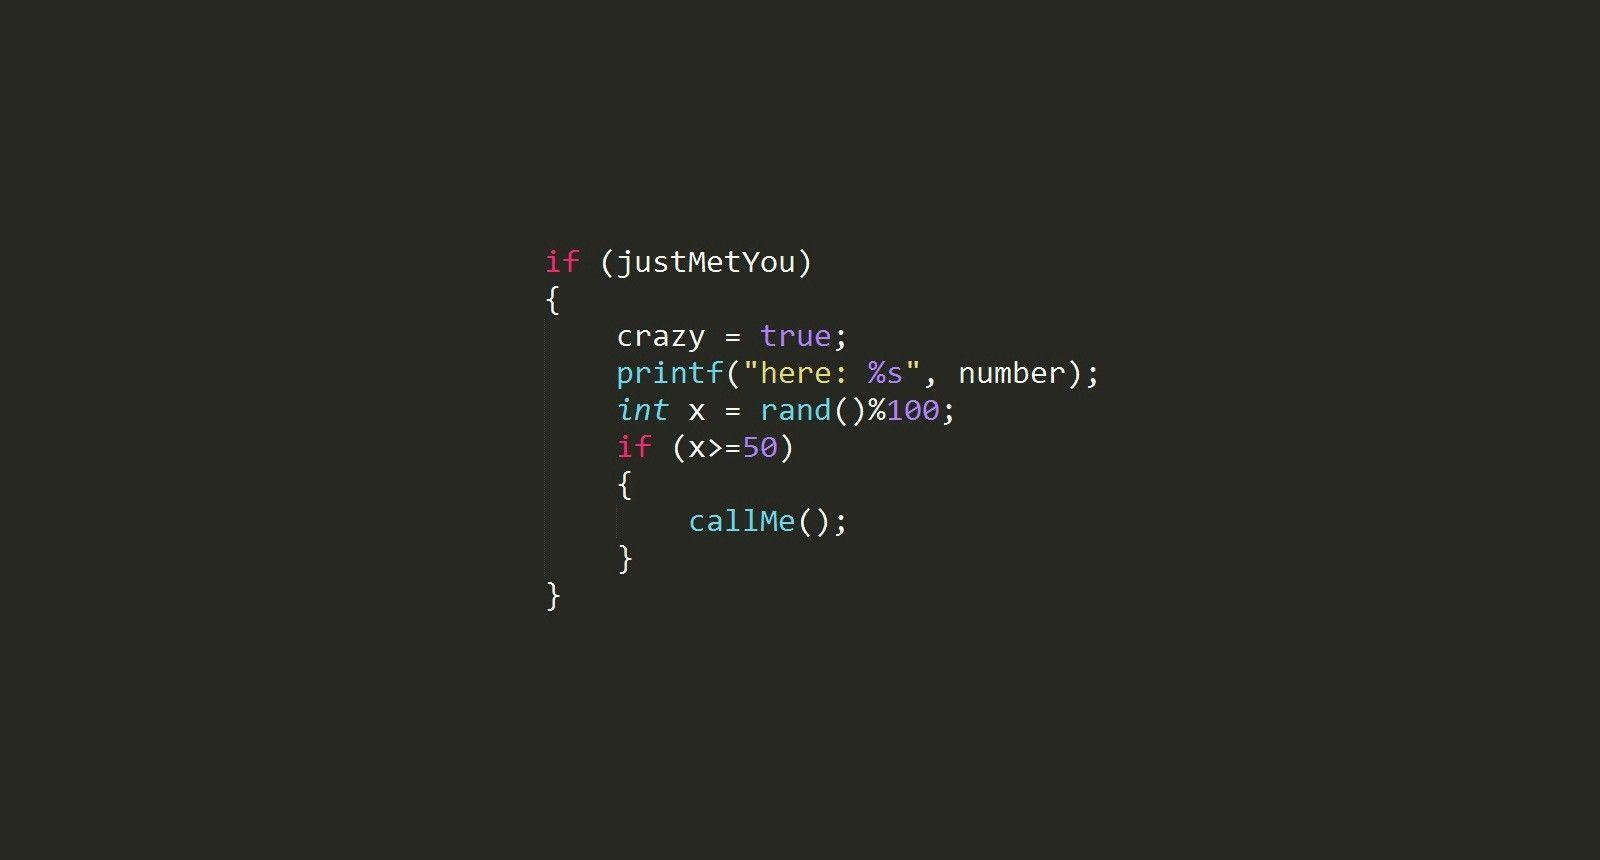 programming computer wallpapers desktop - photo #7